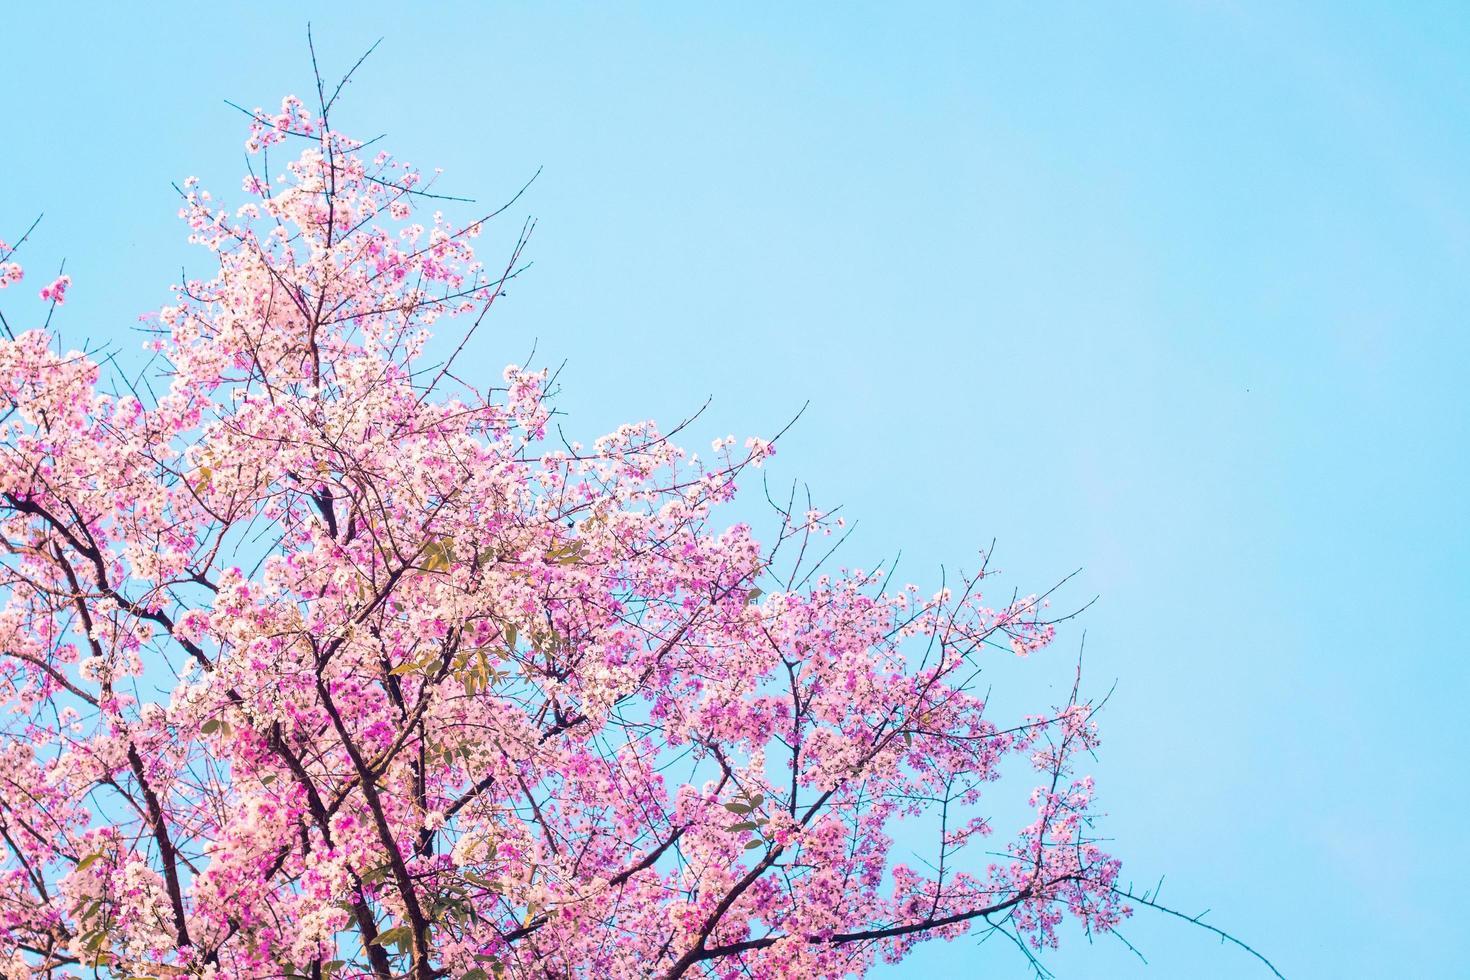 arbre de fleur de cerisier rose sur fond bleu photo